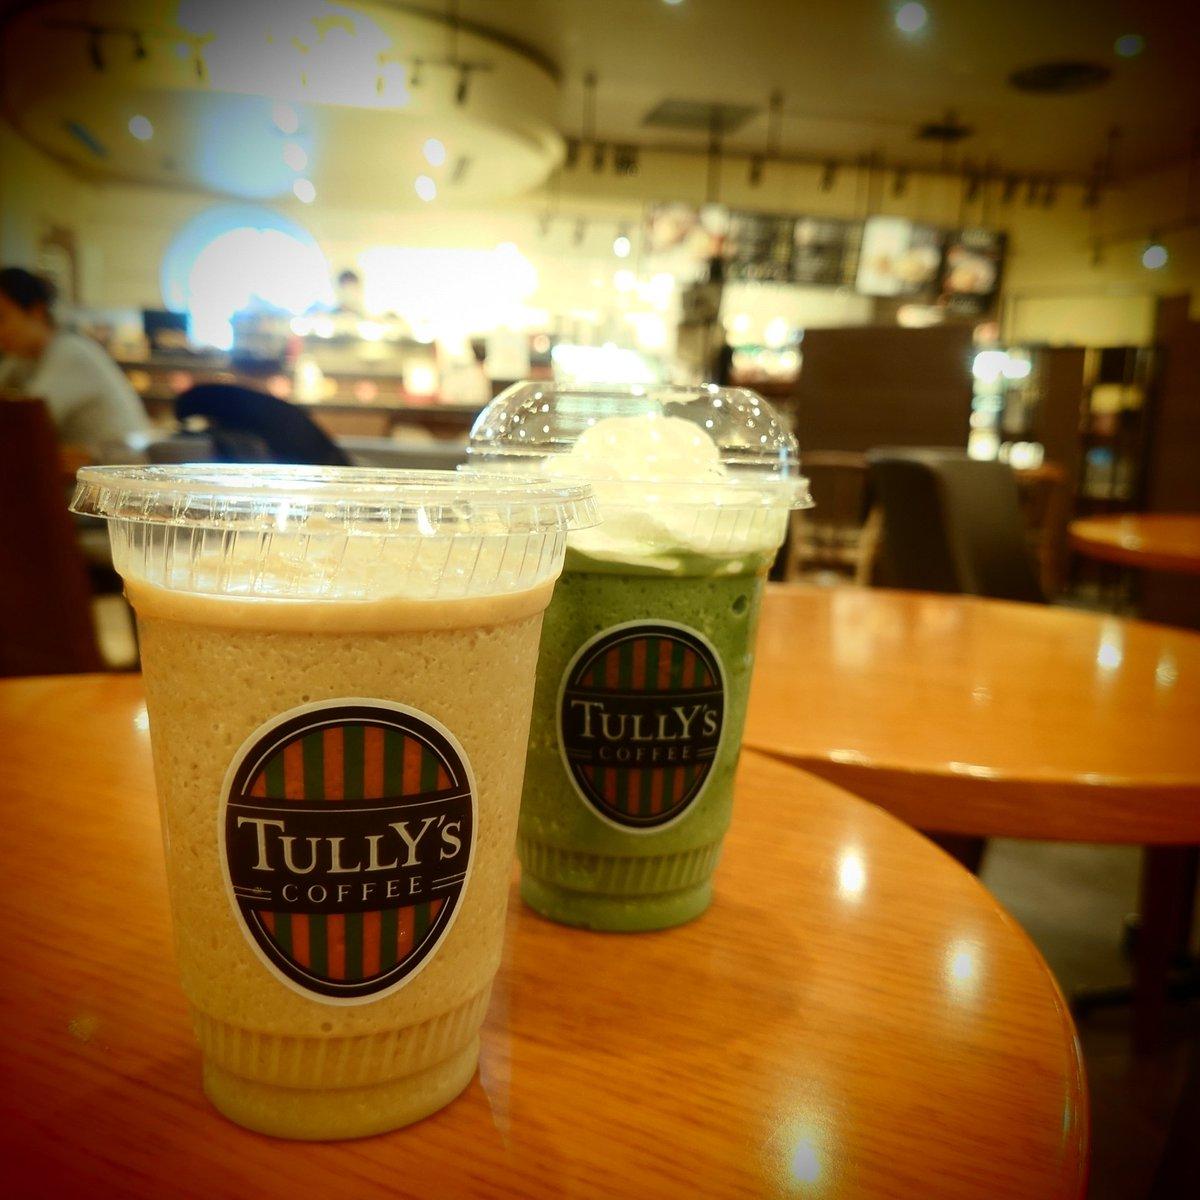 test ツイッターメディア - ひさしぶりのタリーズコーヒー。カフェオレスワークル…美味しい。 #タリーズコーヒー #カフェオレスワークル https://t.co/V9kUHBsVgQ